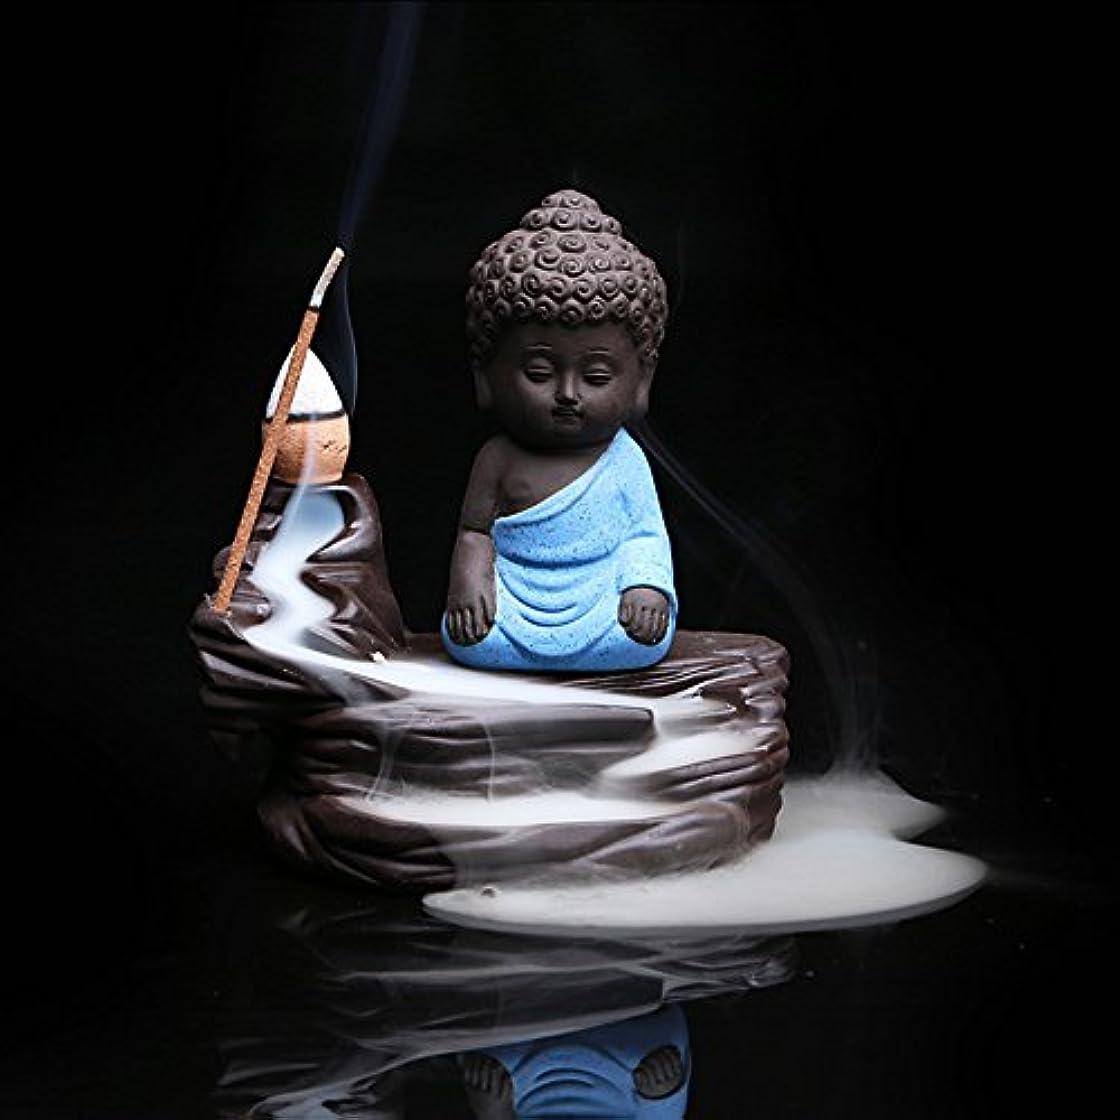 接続詞会話型極貧Zehuiホームデコレーションクリエイティブ逆流香炉コーンスティックホルダーSmall Buddhaセラミック香炉ホーム装飾 ブルー mhy-ZJ1204-jj125